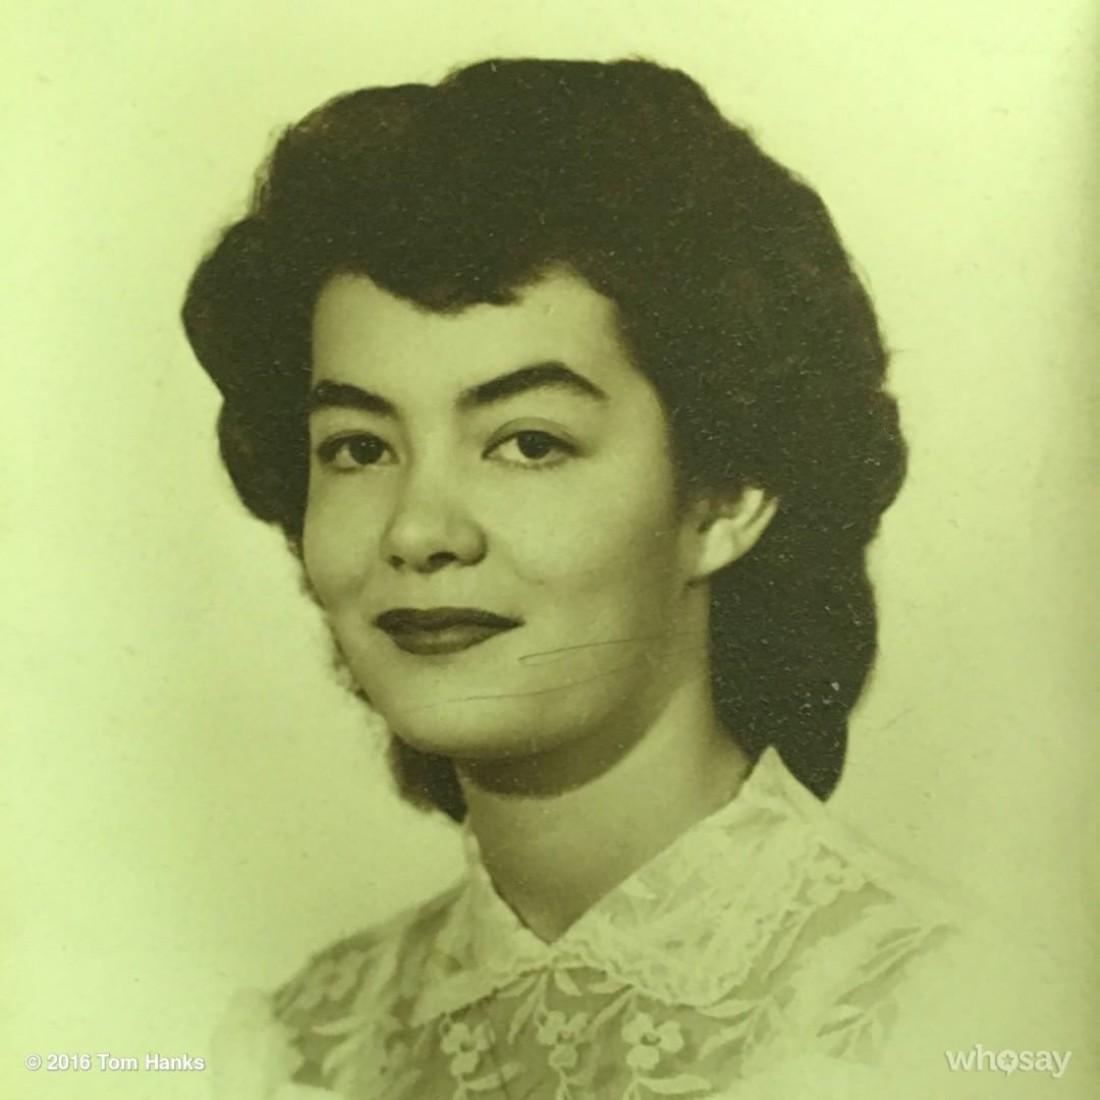 мать Тома Хэнкса1